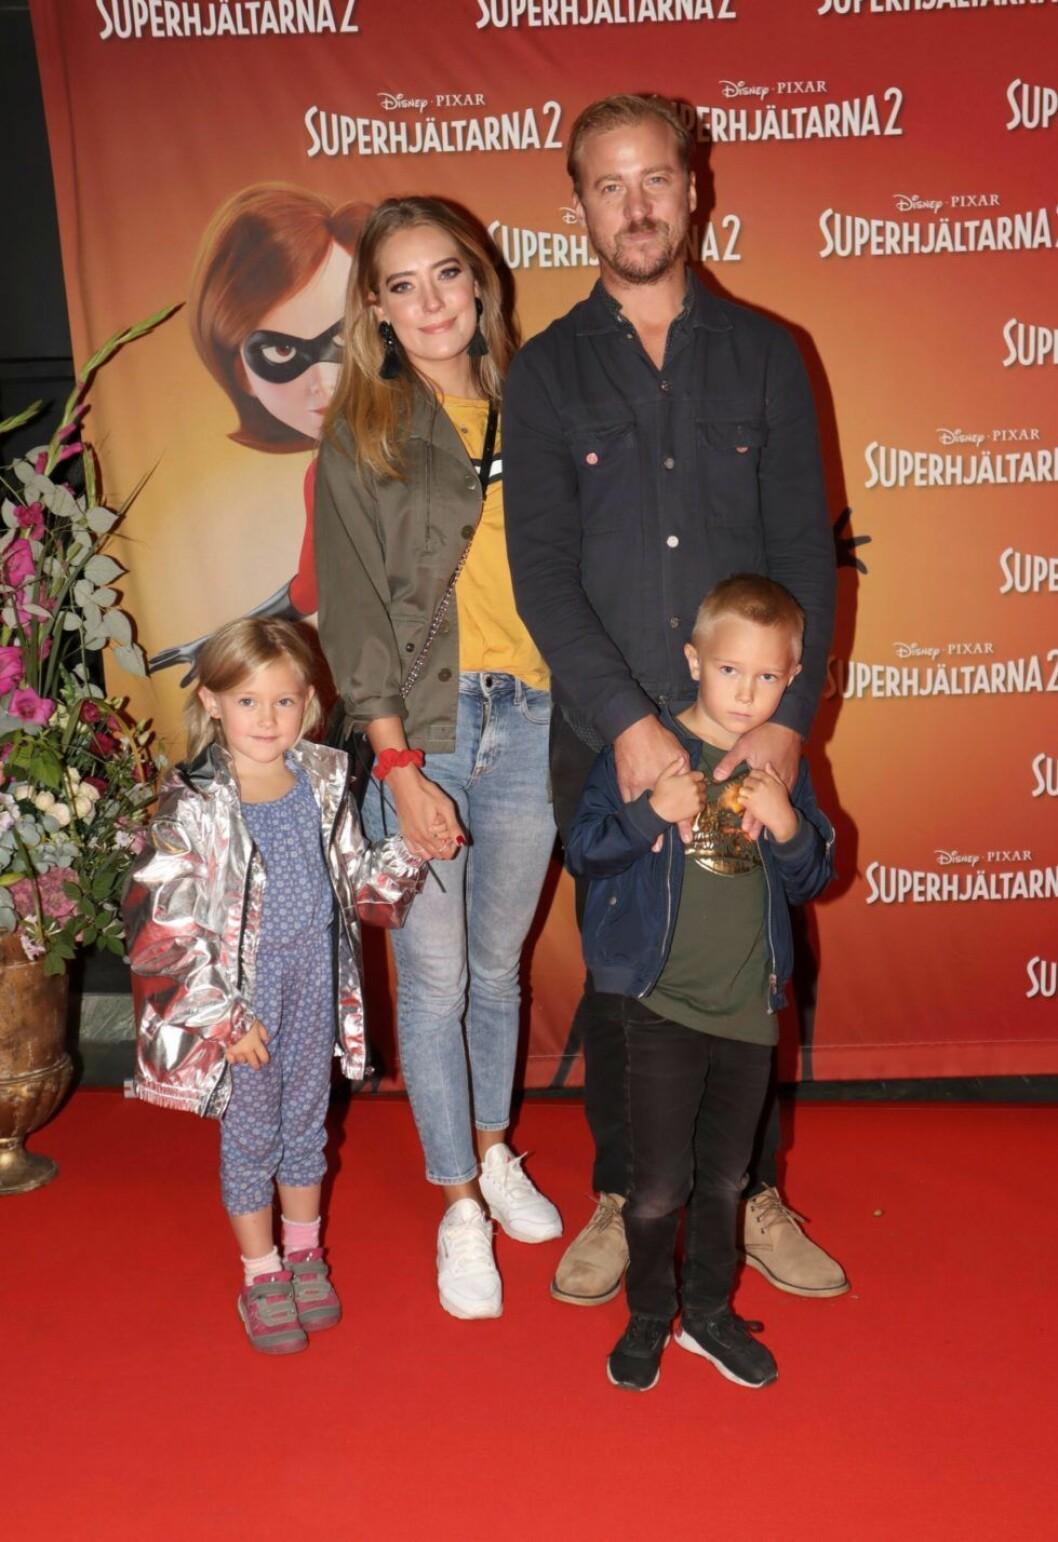 """Erik """"Jerka"""" Johansson med flickvännen Lisa Sjösten och barnen Rolf och Lena på galapremiären av Superhjältarna 2."""